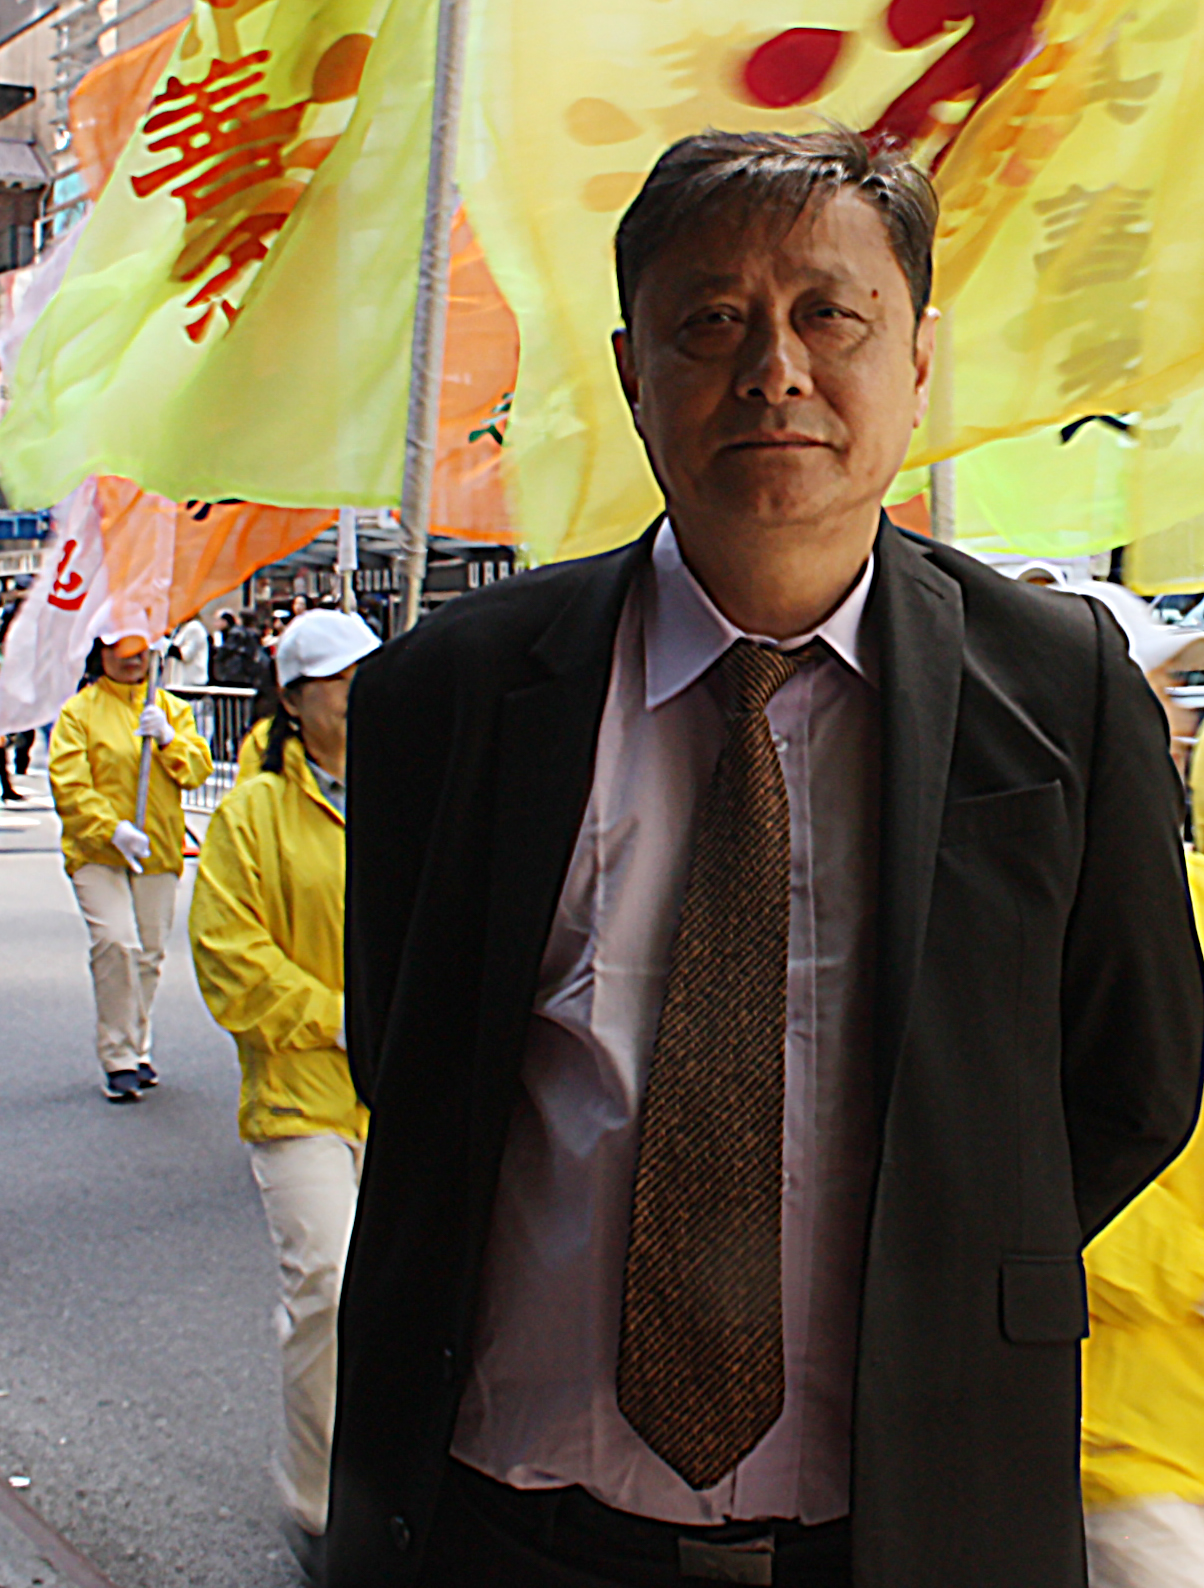 曾兩次成功攔截中共領導人訪美車隊的上海維權人士白傑明在現場支持聲援法輪功。(駱亞/大紀元)